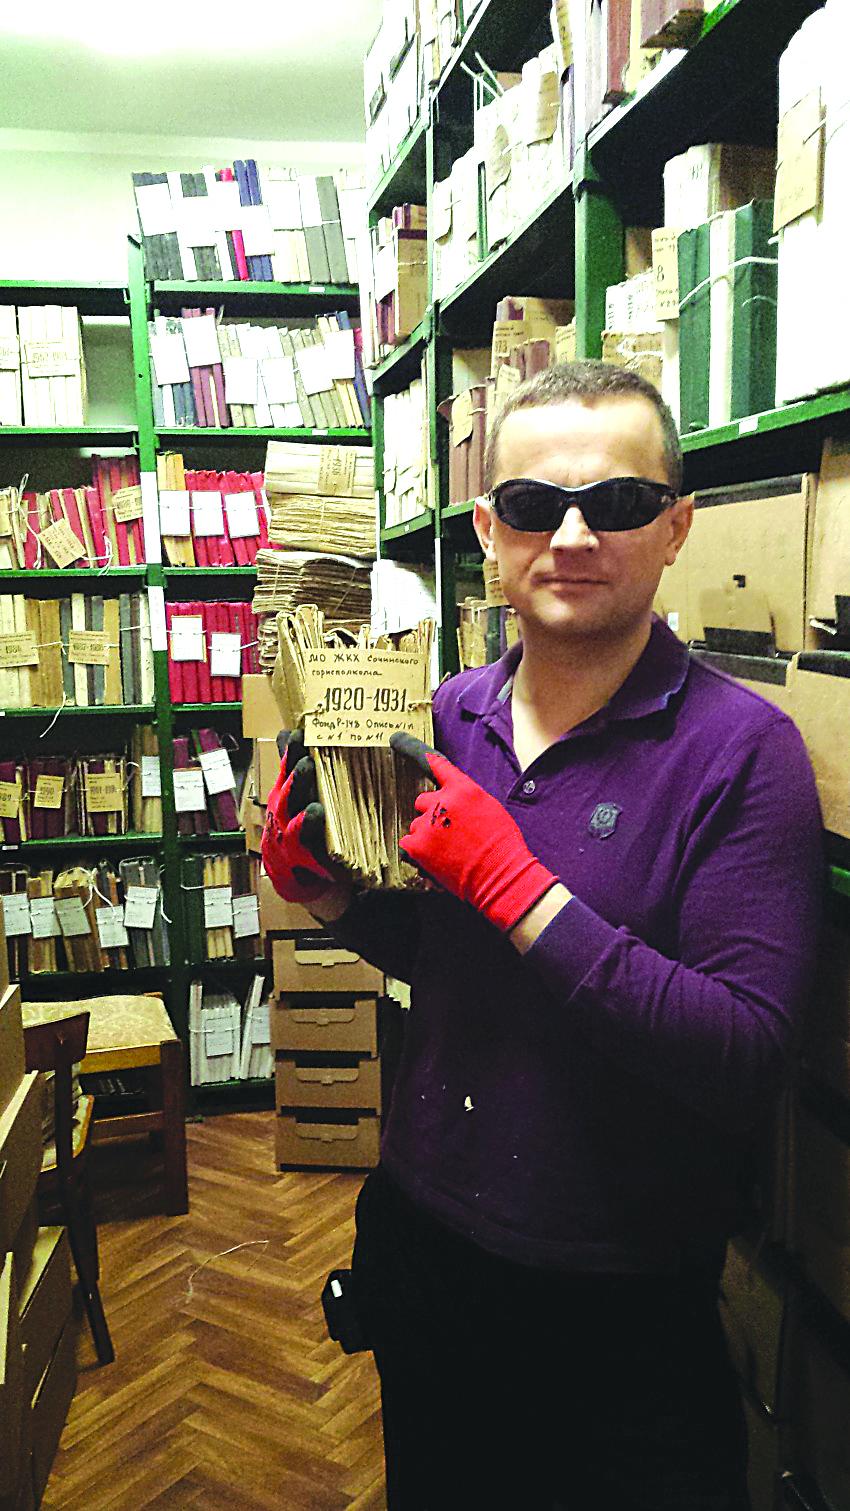 В Сочи Сергей Гринь нашёл работу в музее, а также познакомился с параспортсменами.